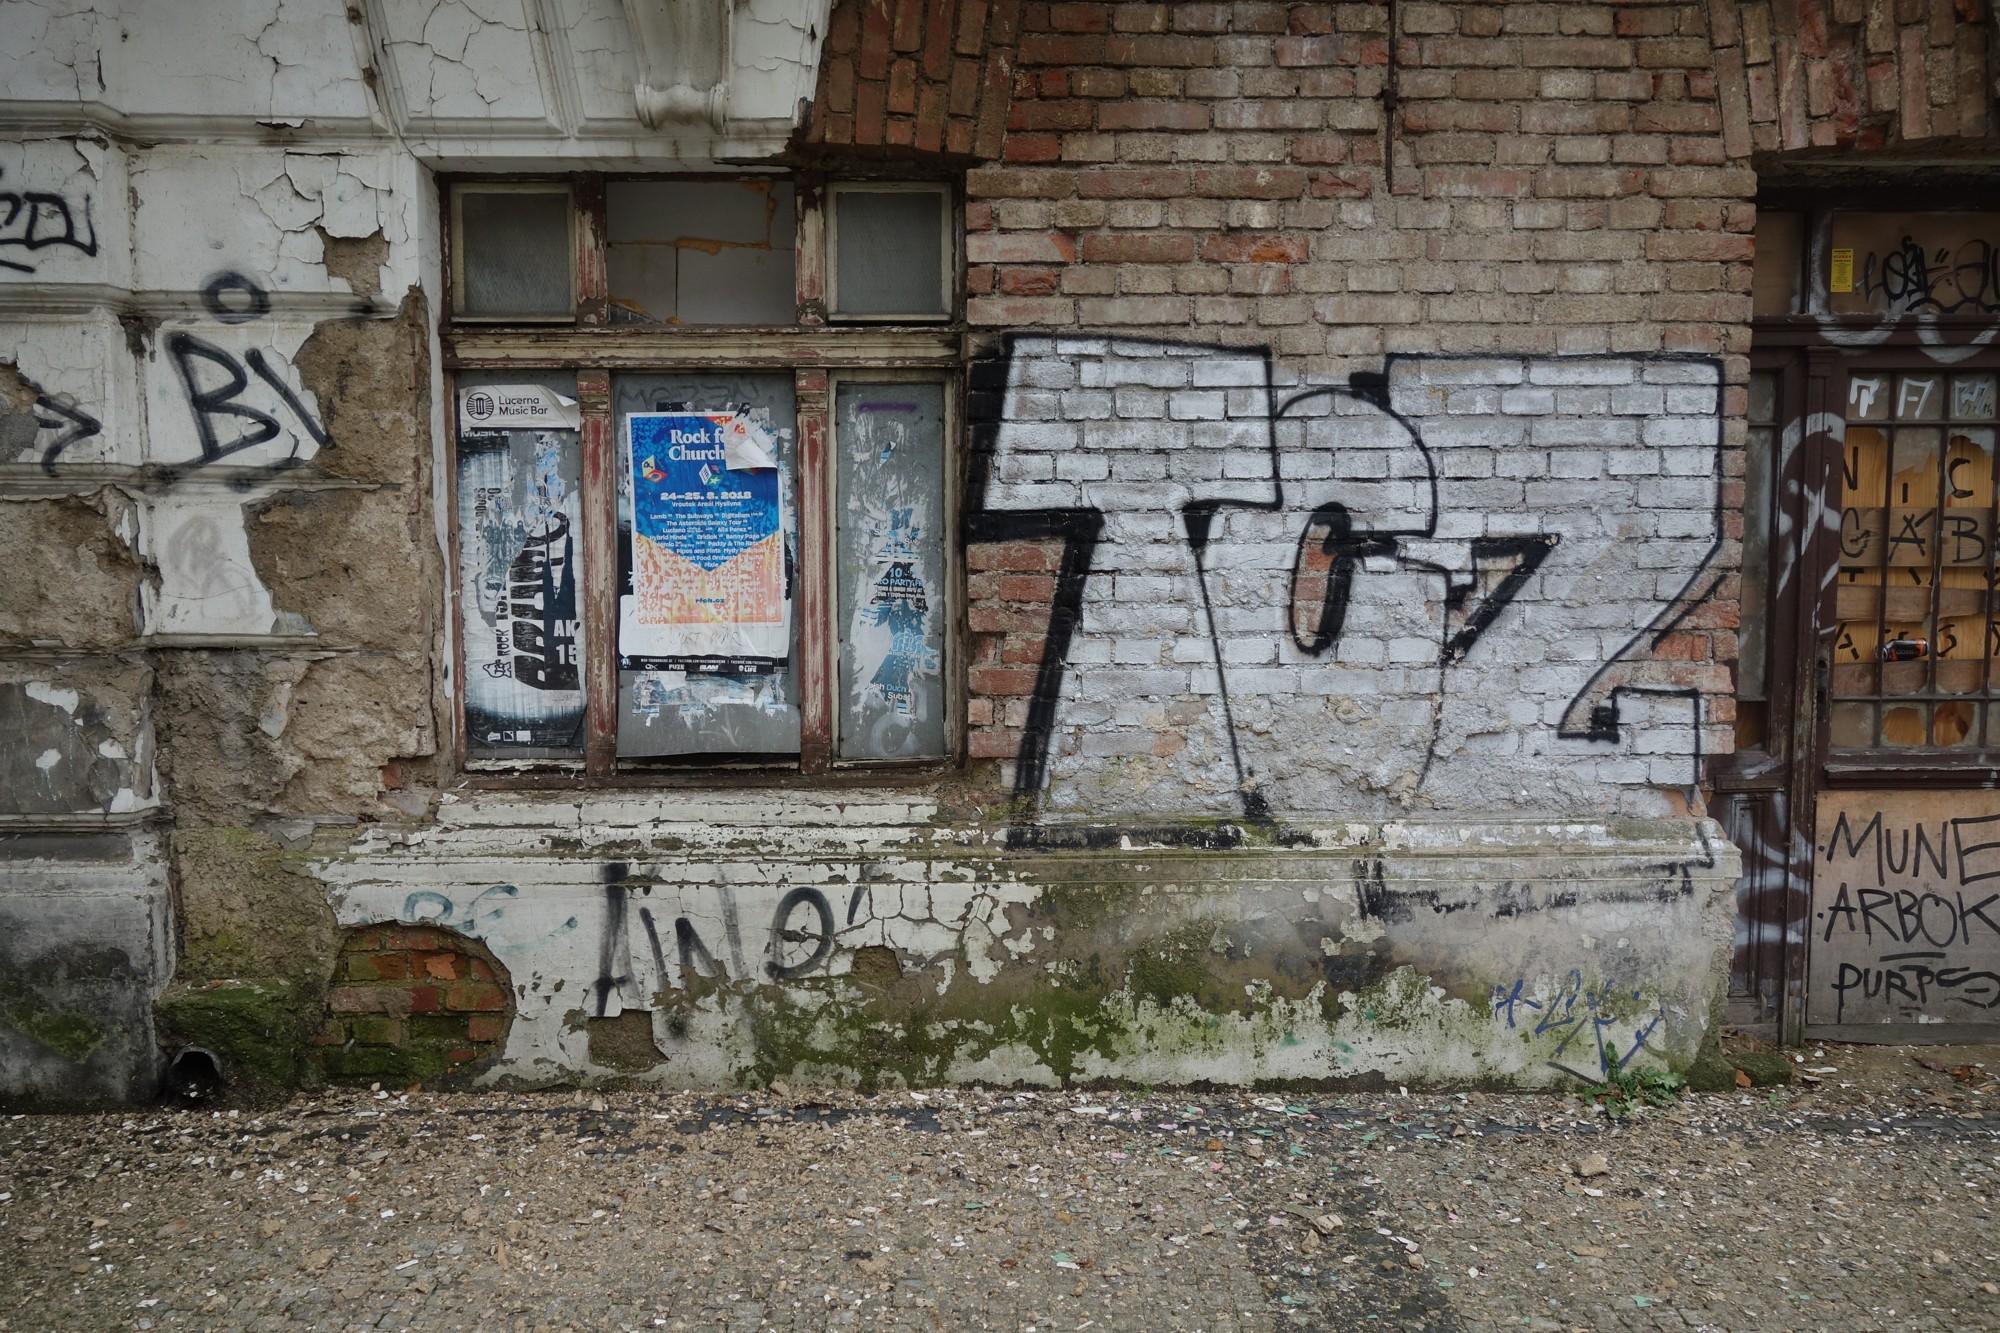 ČTK: Praha začala jednat svlastníkem nádraží Vyšehrad o odkupu